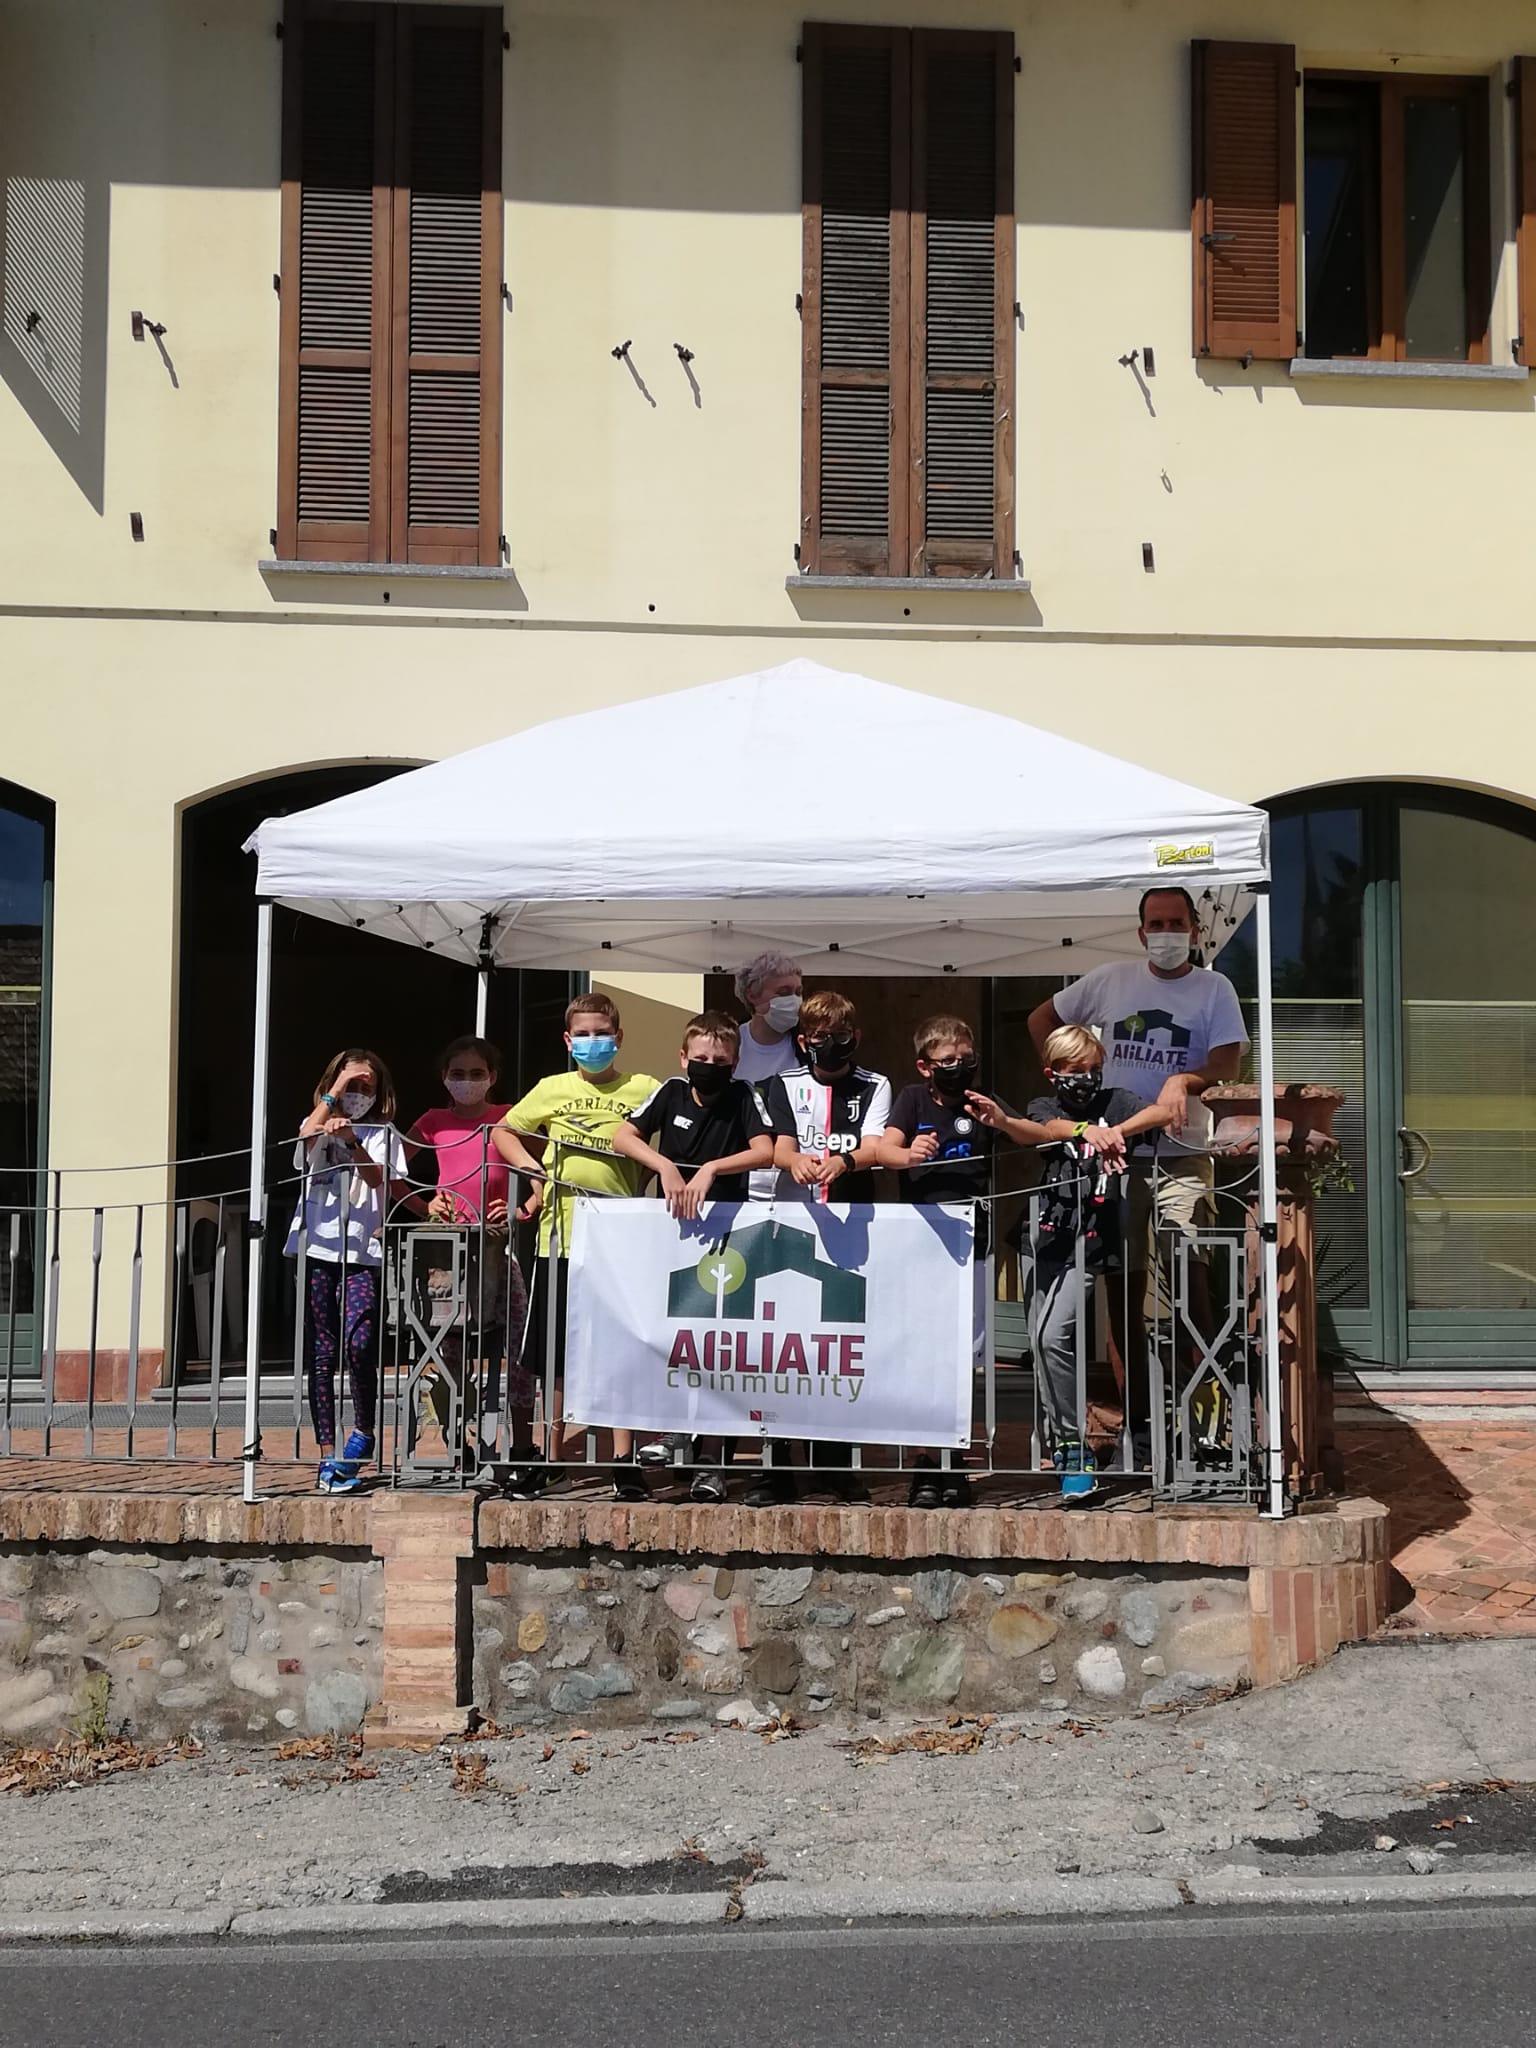 AGLIATE COMMUNITY CAMP: Campus socializzante per bambini e ragazzi nel Borgo di Agliate